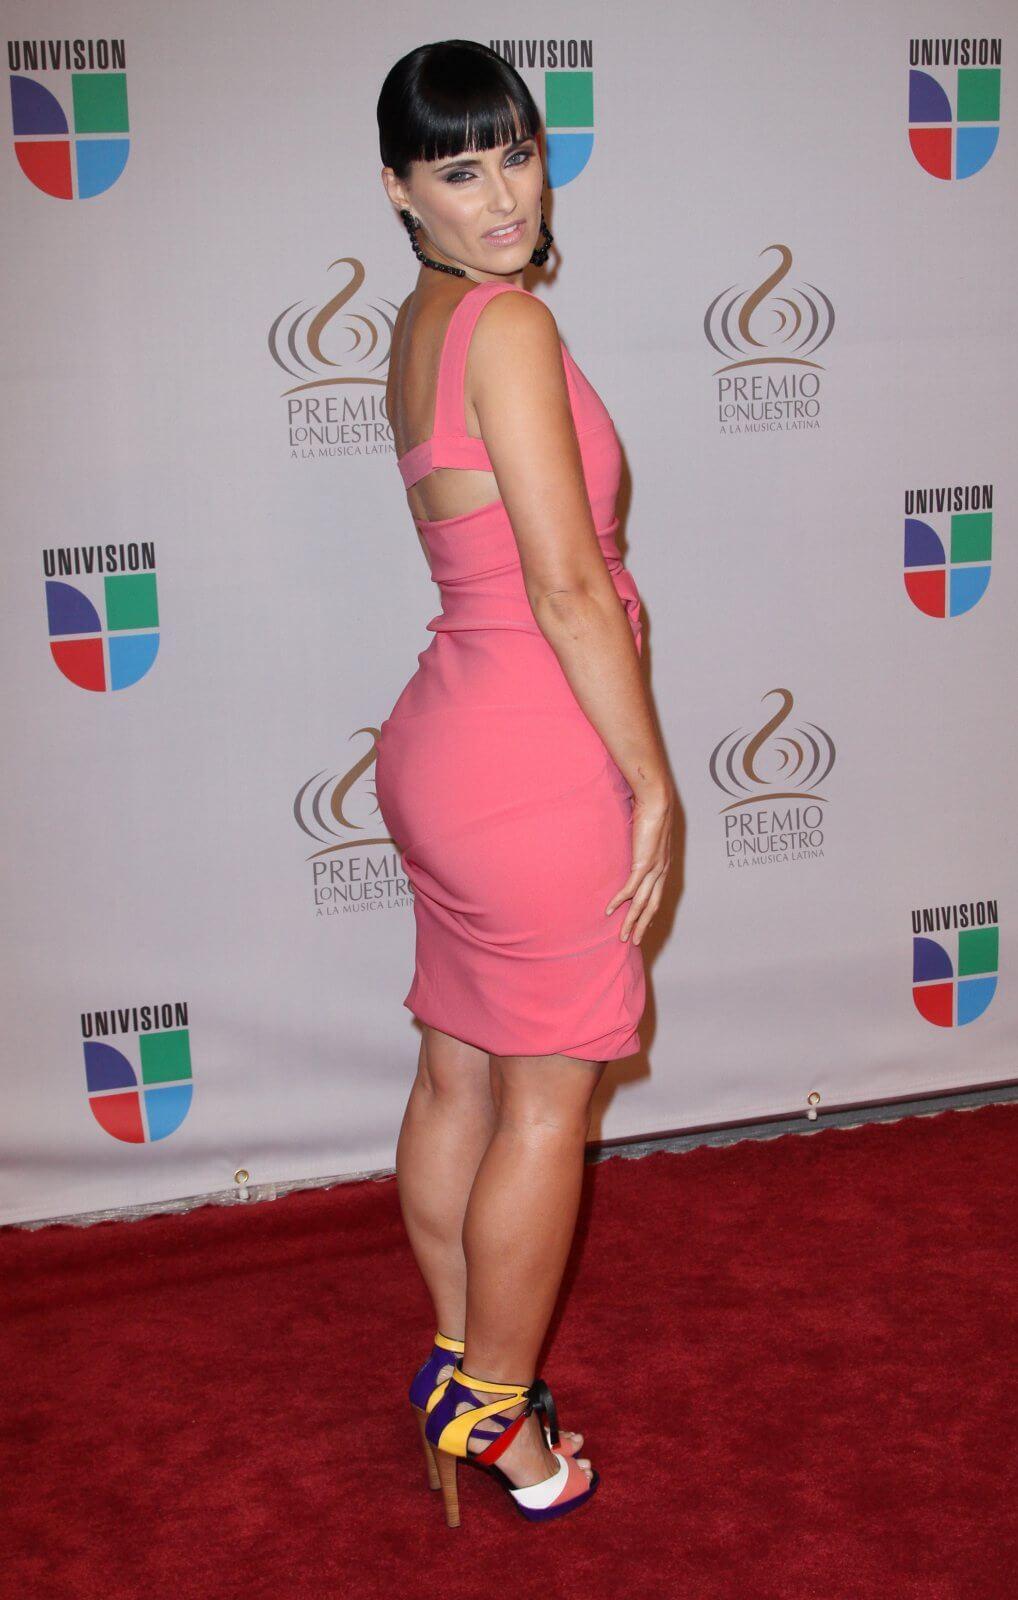 Nelly Furtado hot ass (1)